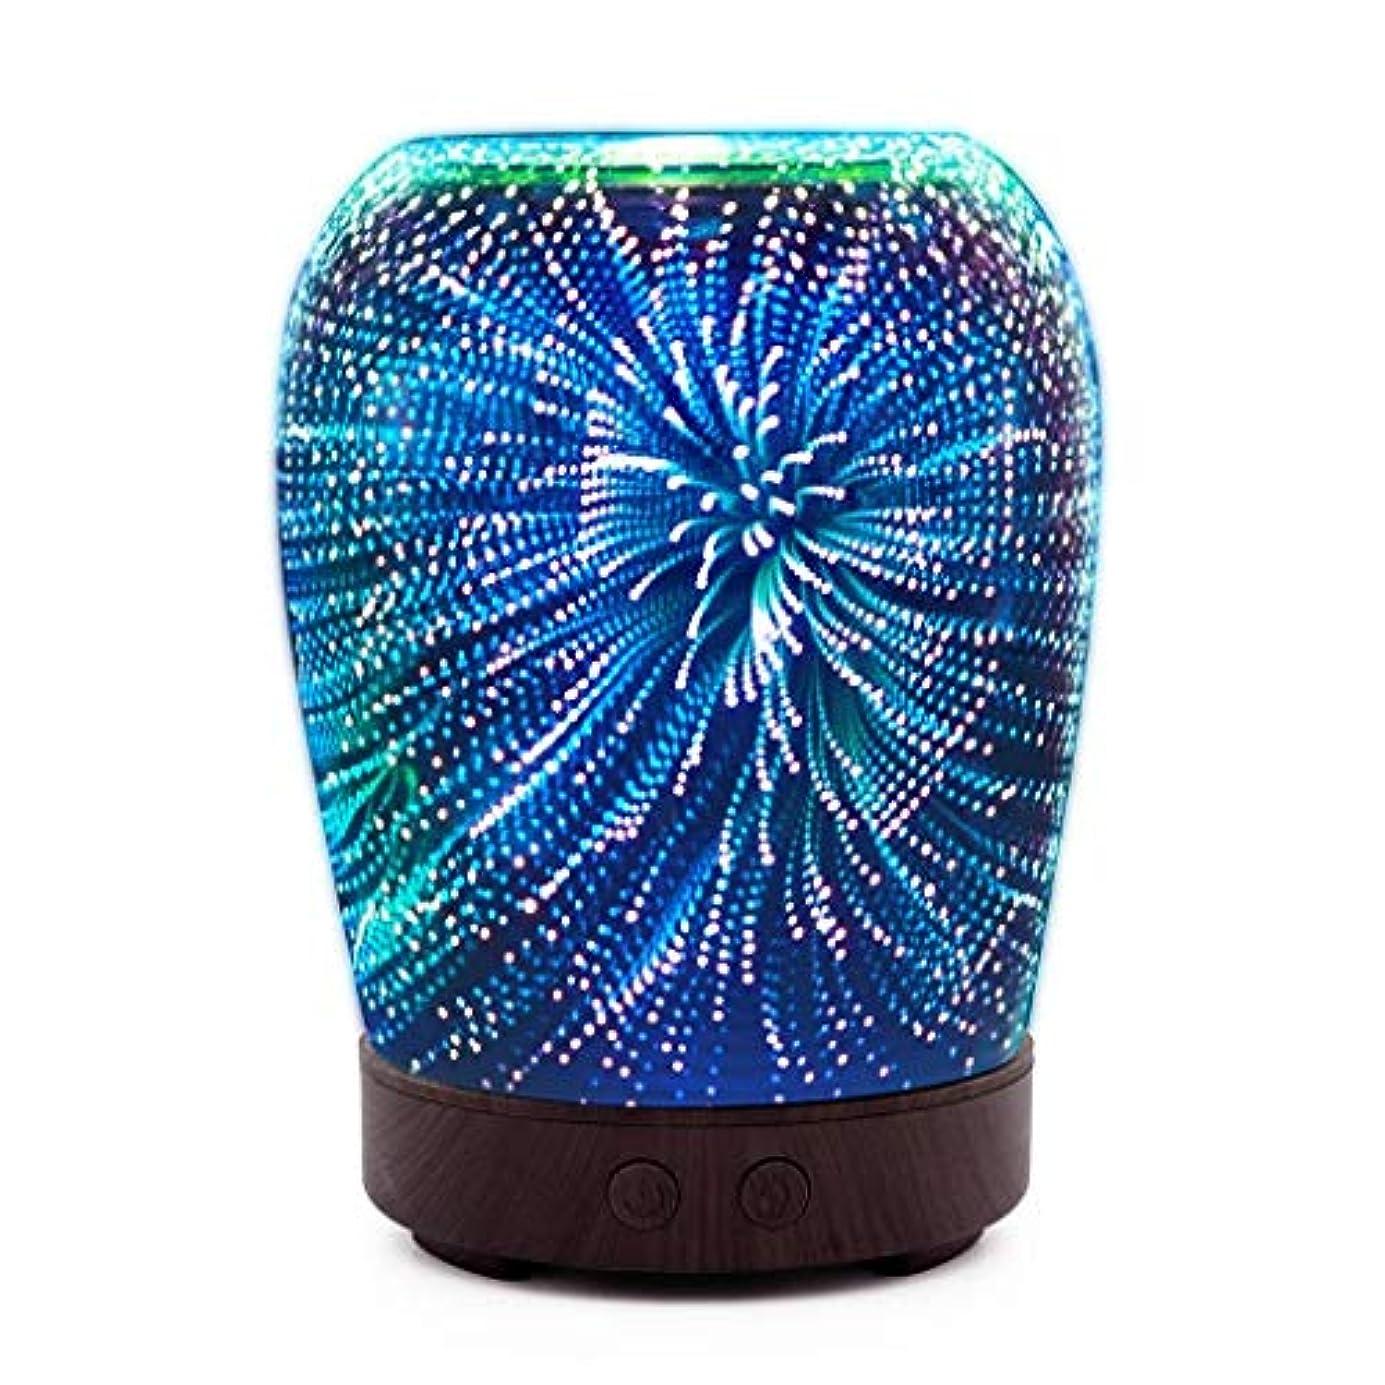 評決誘う物理的に芳香 拡張器 清涼 薄霧 加湿器 アロマディフューザー 車内や家庭で使用 (Color : Fireworks)